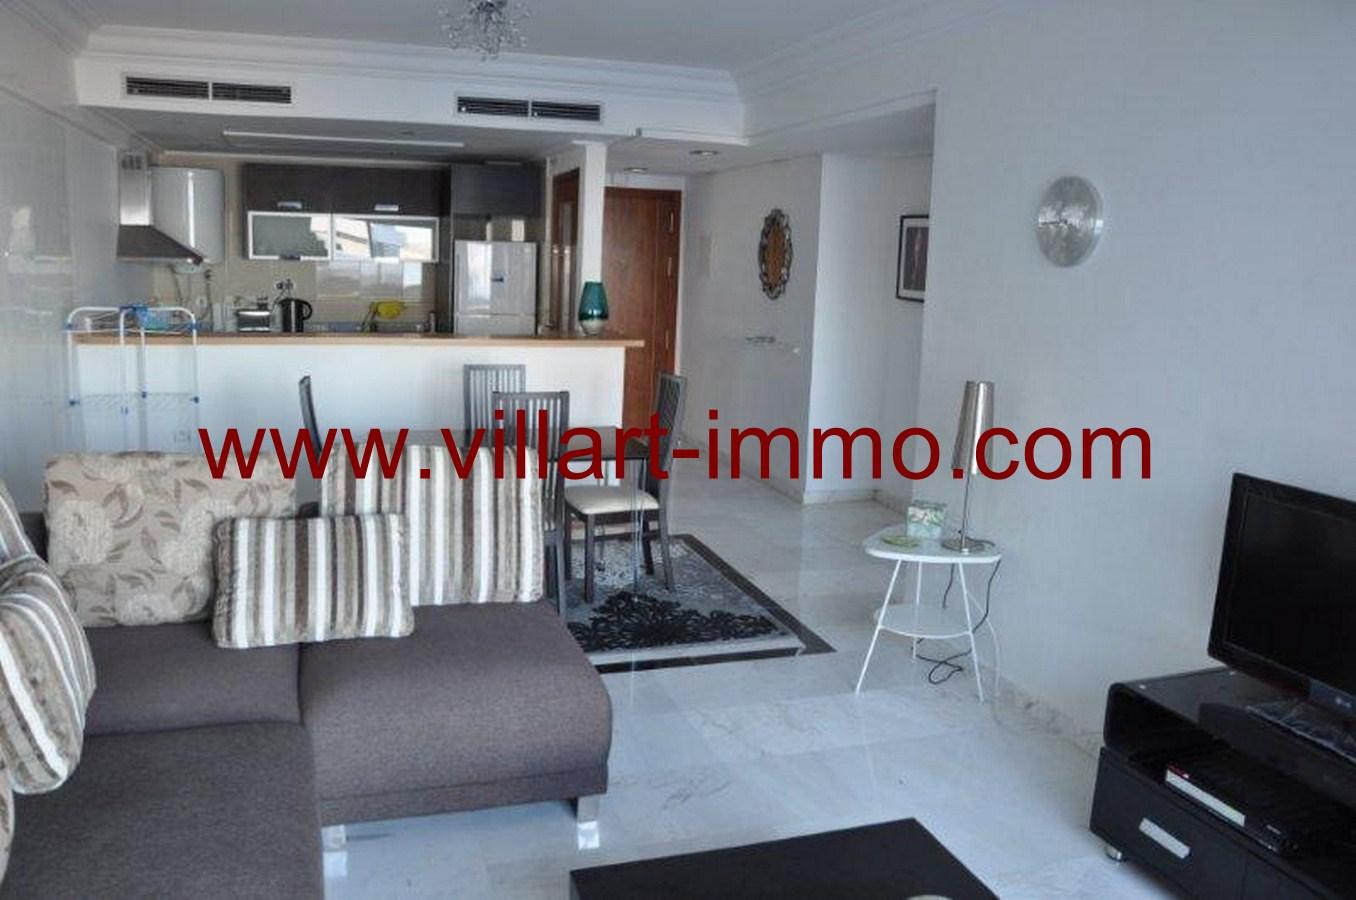 2-Appart-Meublé-Salon2-Tanger-Agence immobilière-Villartimmo